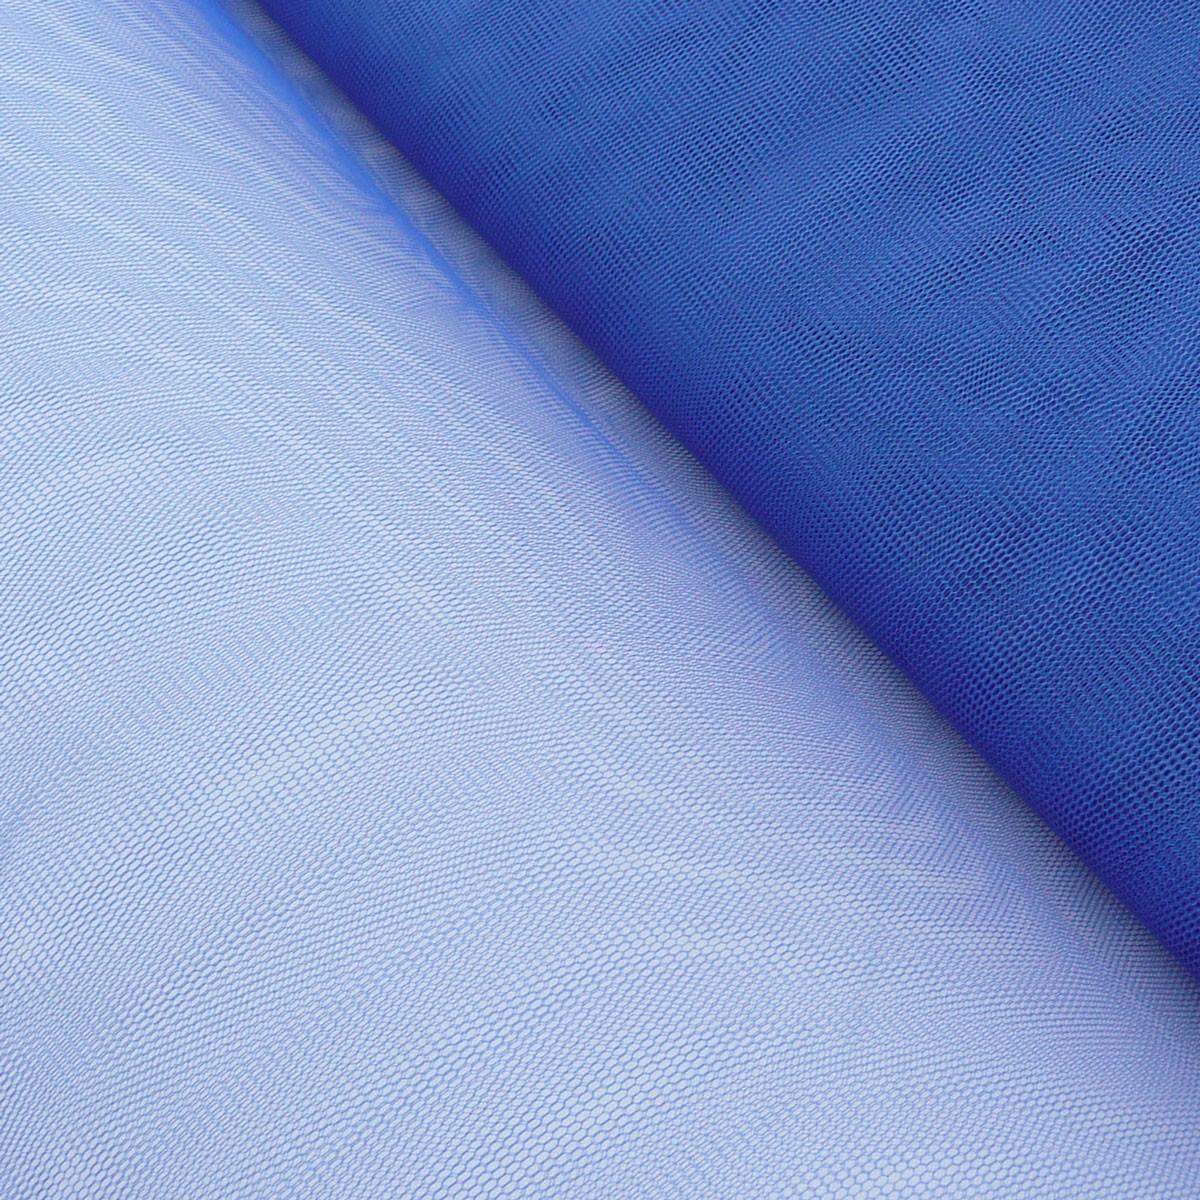 Kreativstoff Tüll Polyester königsblau 1,4m Breite